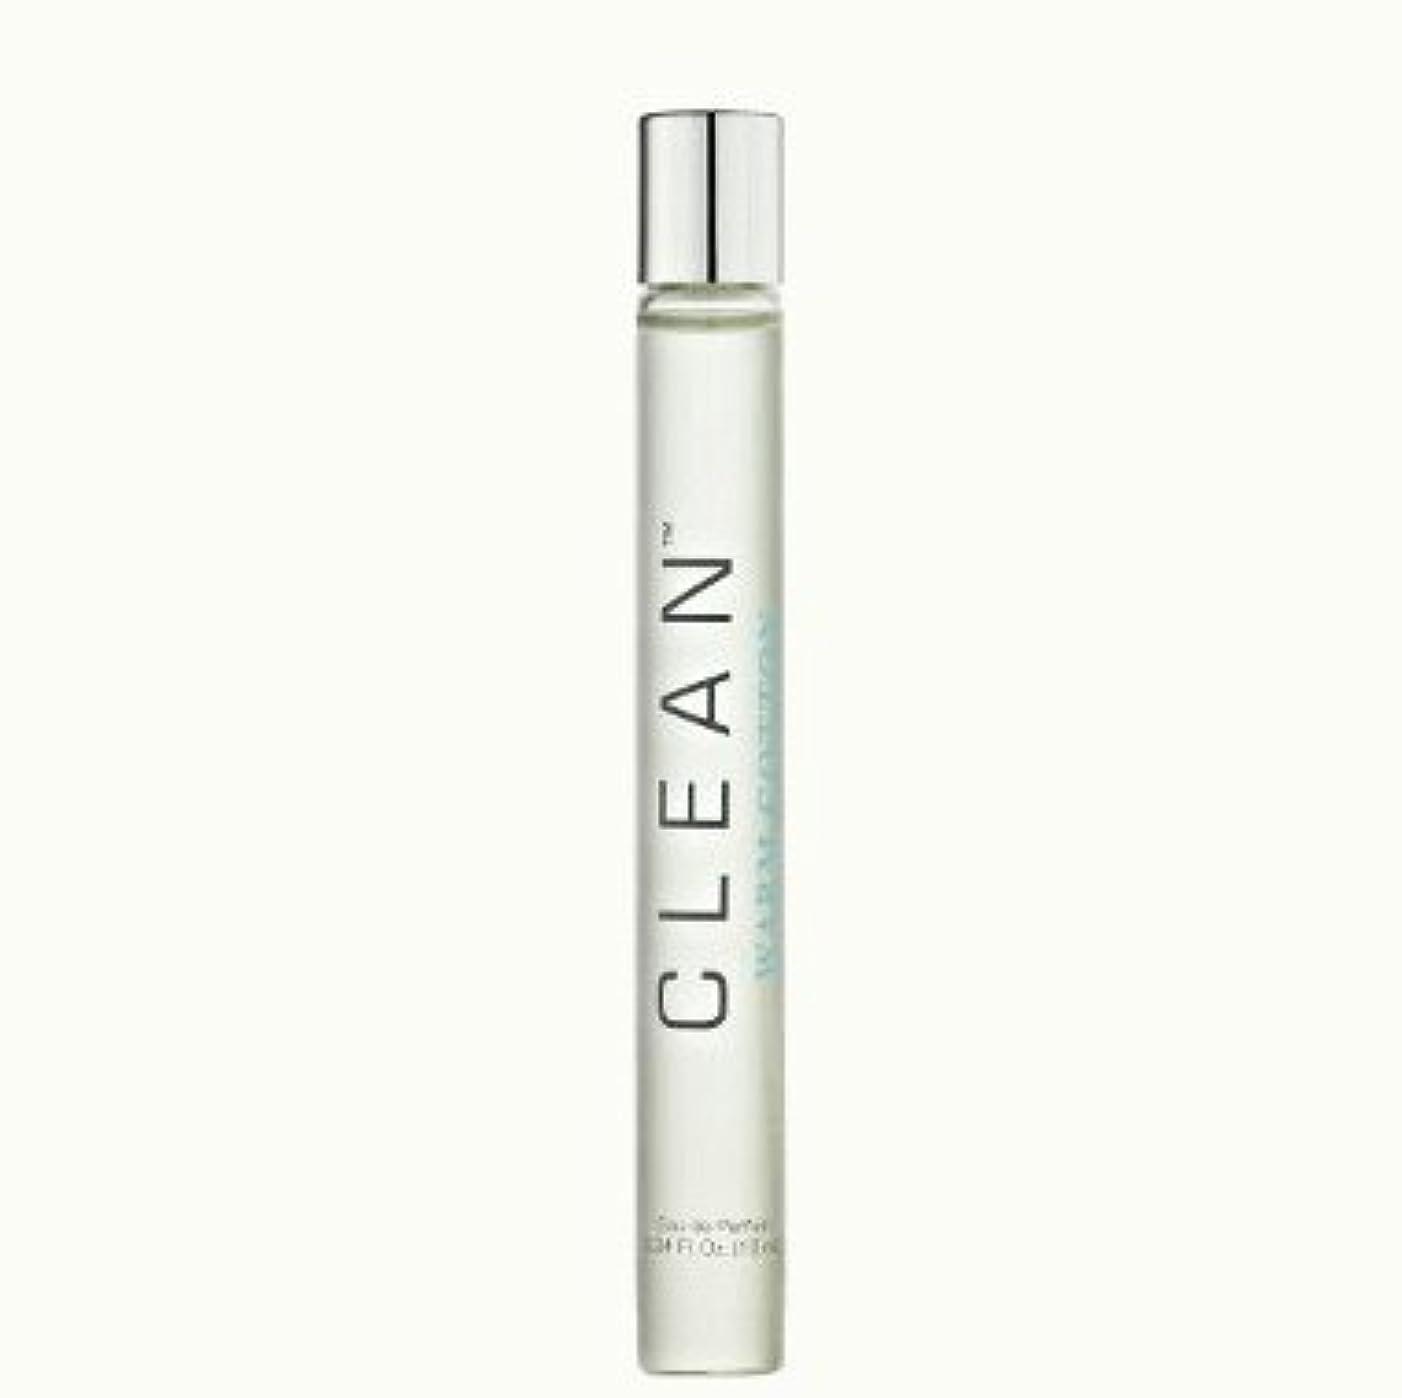 適度なインク起きているClean Warm Cotton (ウオームコットン) 0.34 oz (10ml) EDP Rollerball (ローラーボール) by Clean for Women